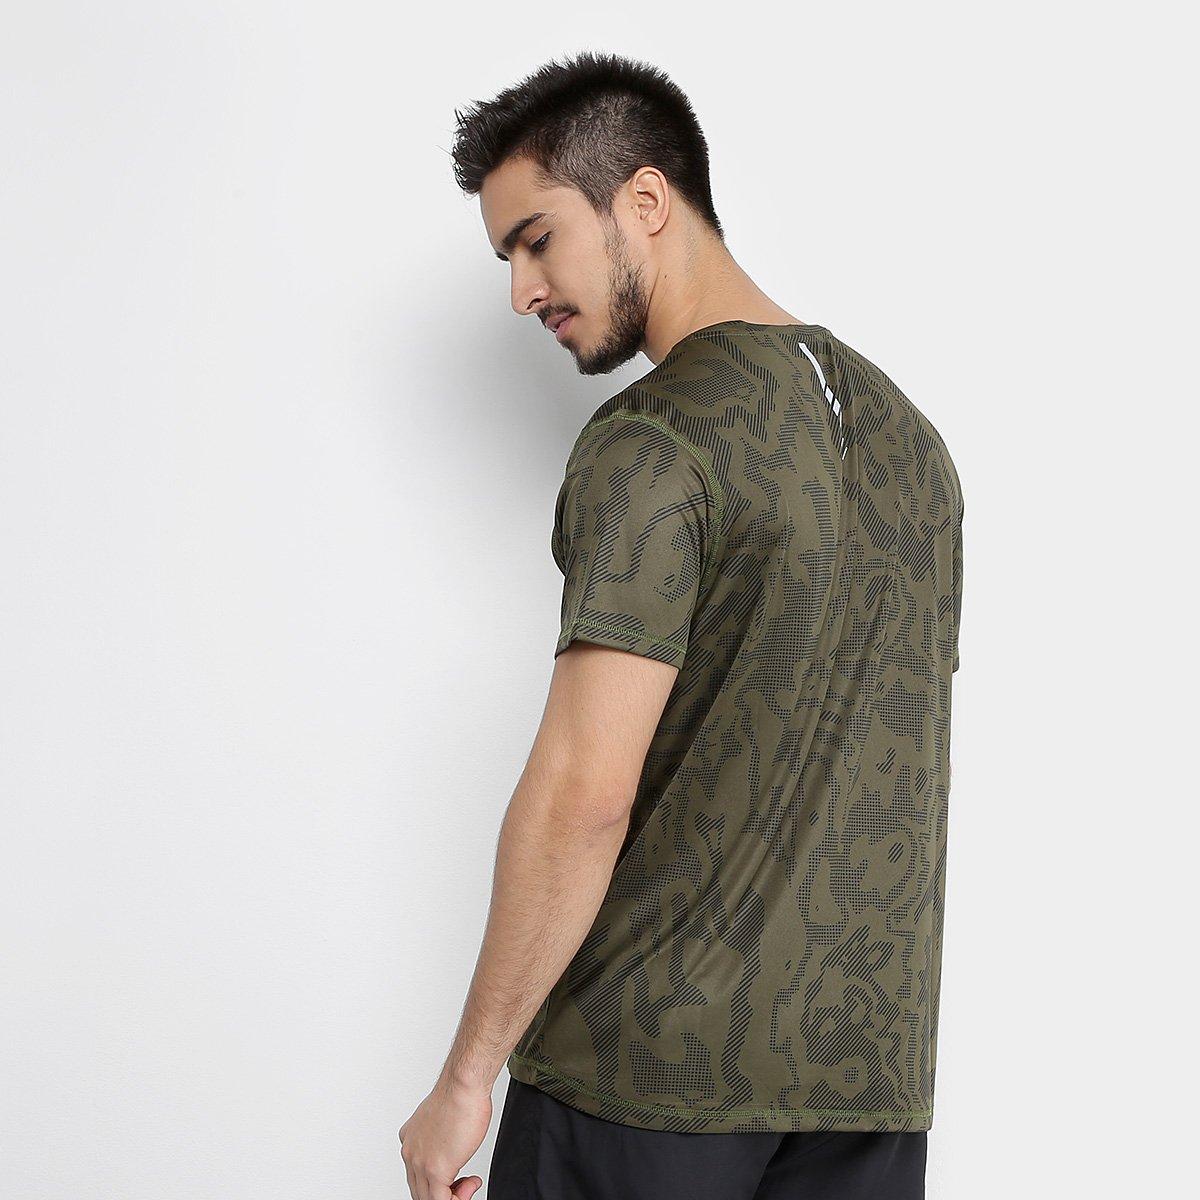 b0b868c355 Camiseta Oakley Base Masculina  Camiseta Oakley Base Masculina ...